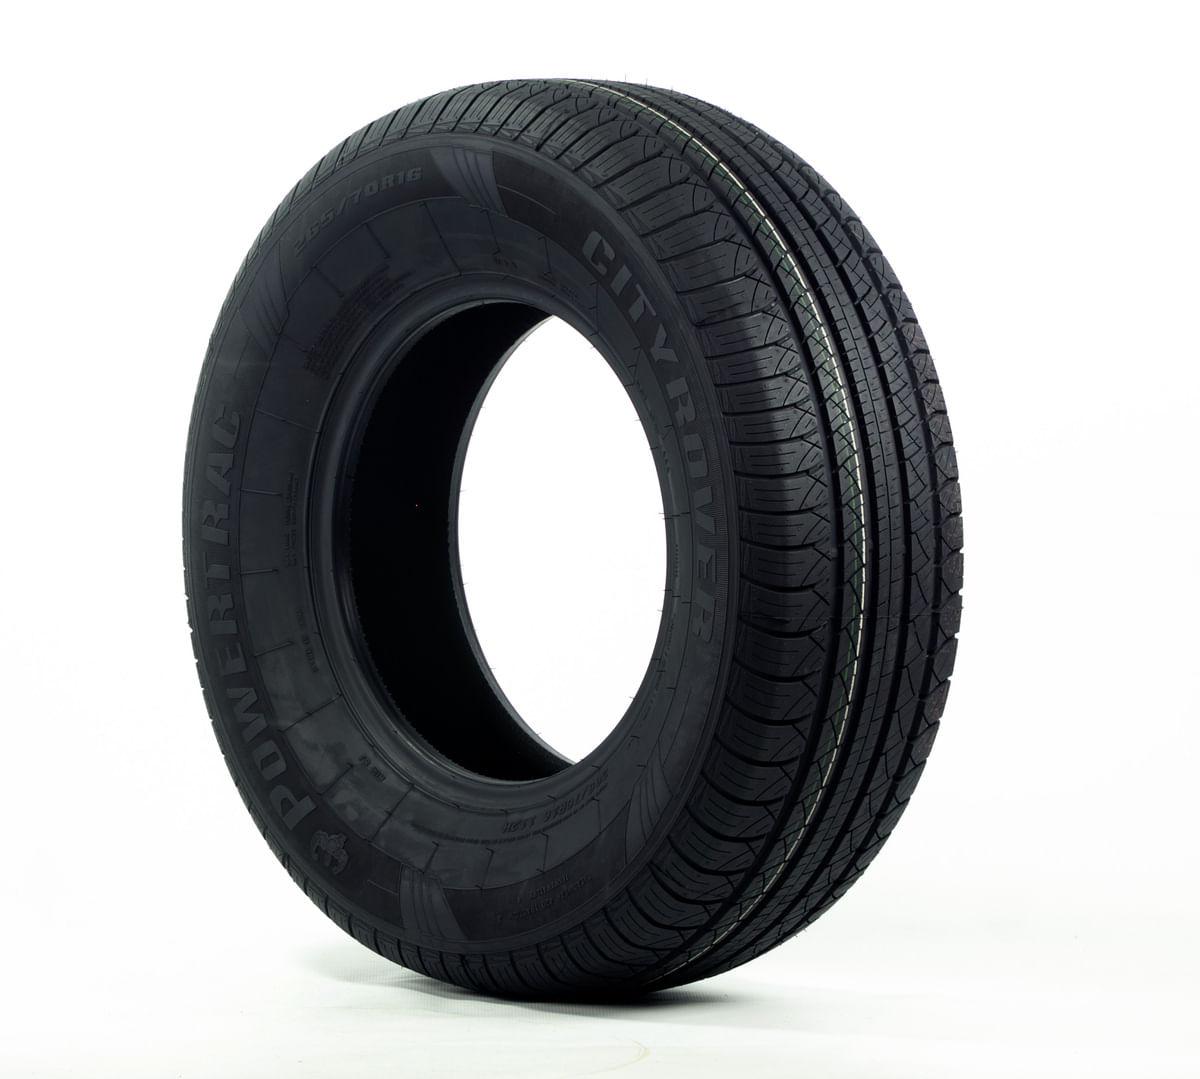 Pneu Powertrac Tires City Rover 265/70 R16 112h